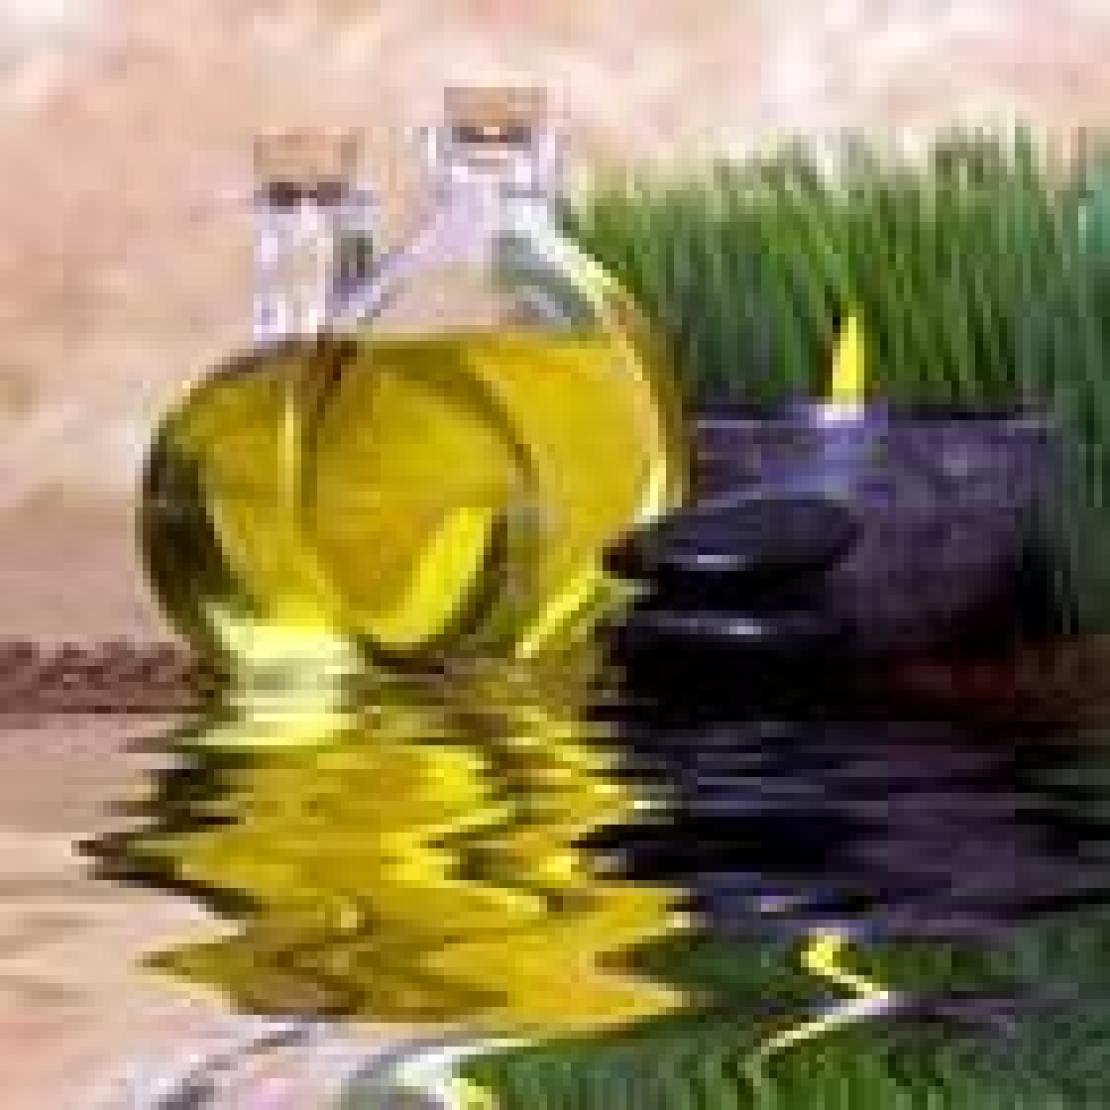 Aumenti a due cifre per i consumi d'olio d'oliva nei mercati emergenti